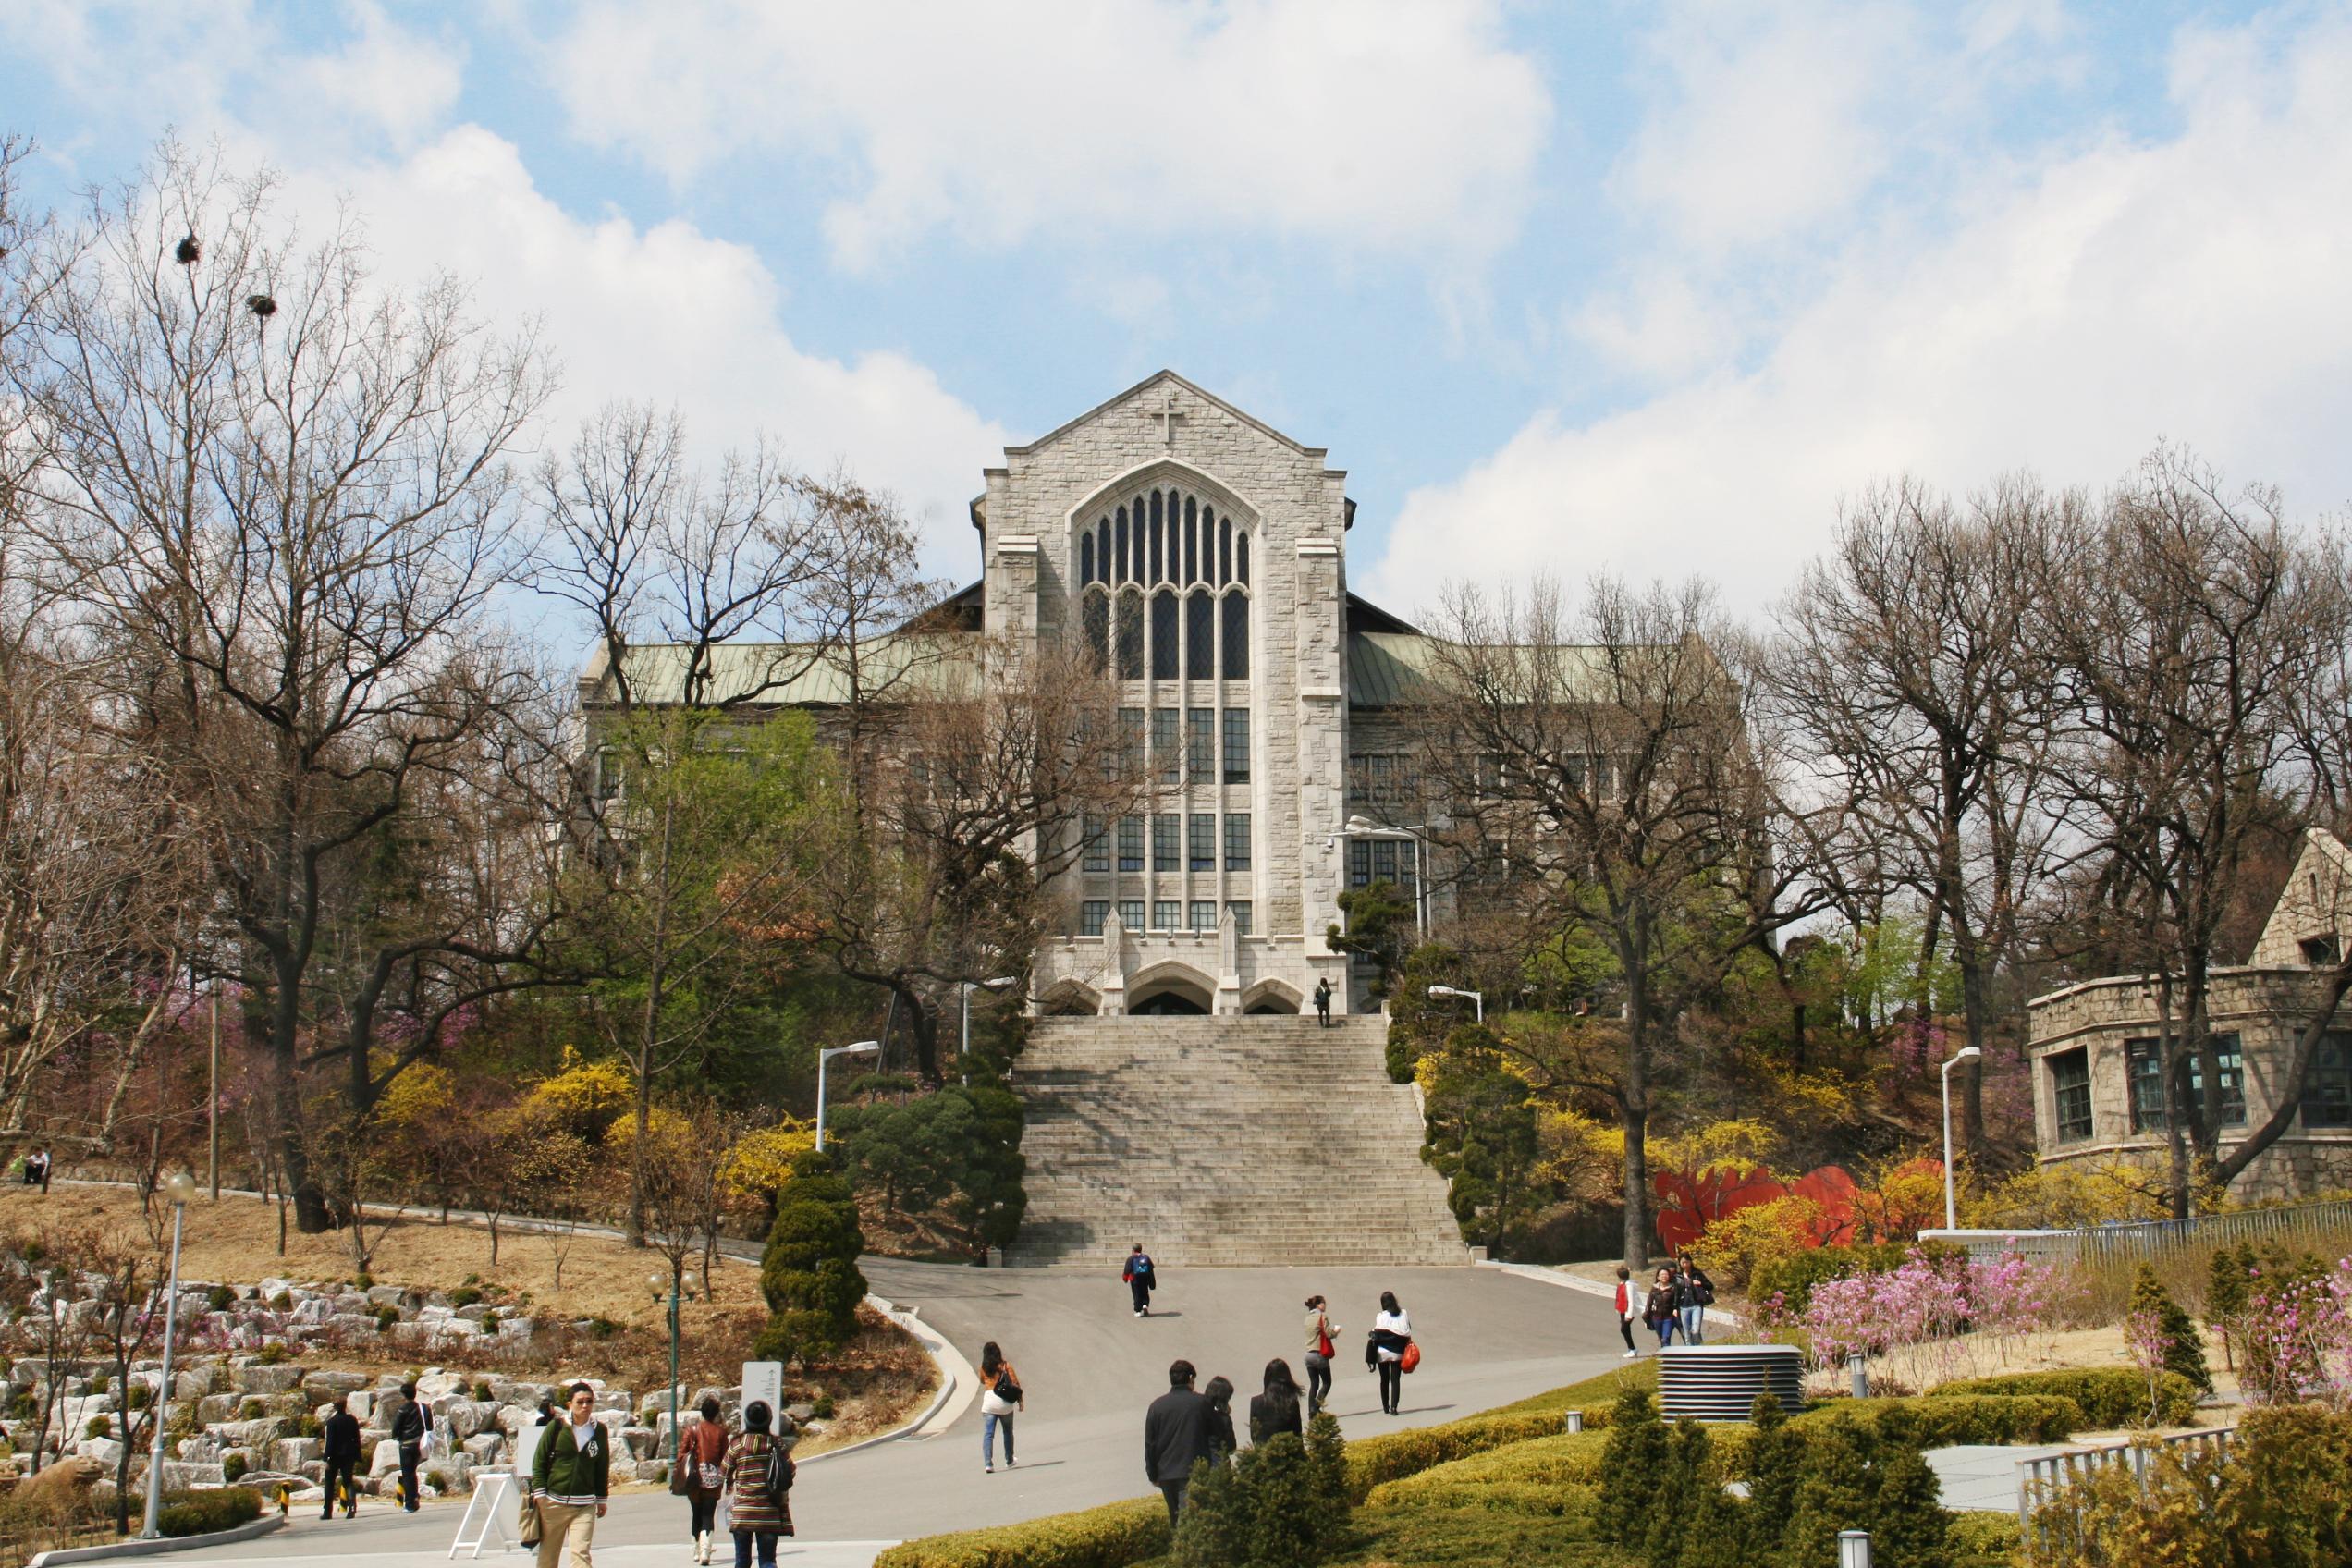 มหาวิทยาลัยสตรีอีฮวา